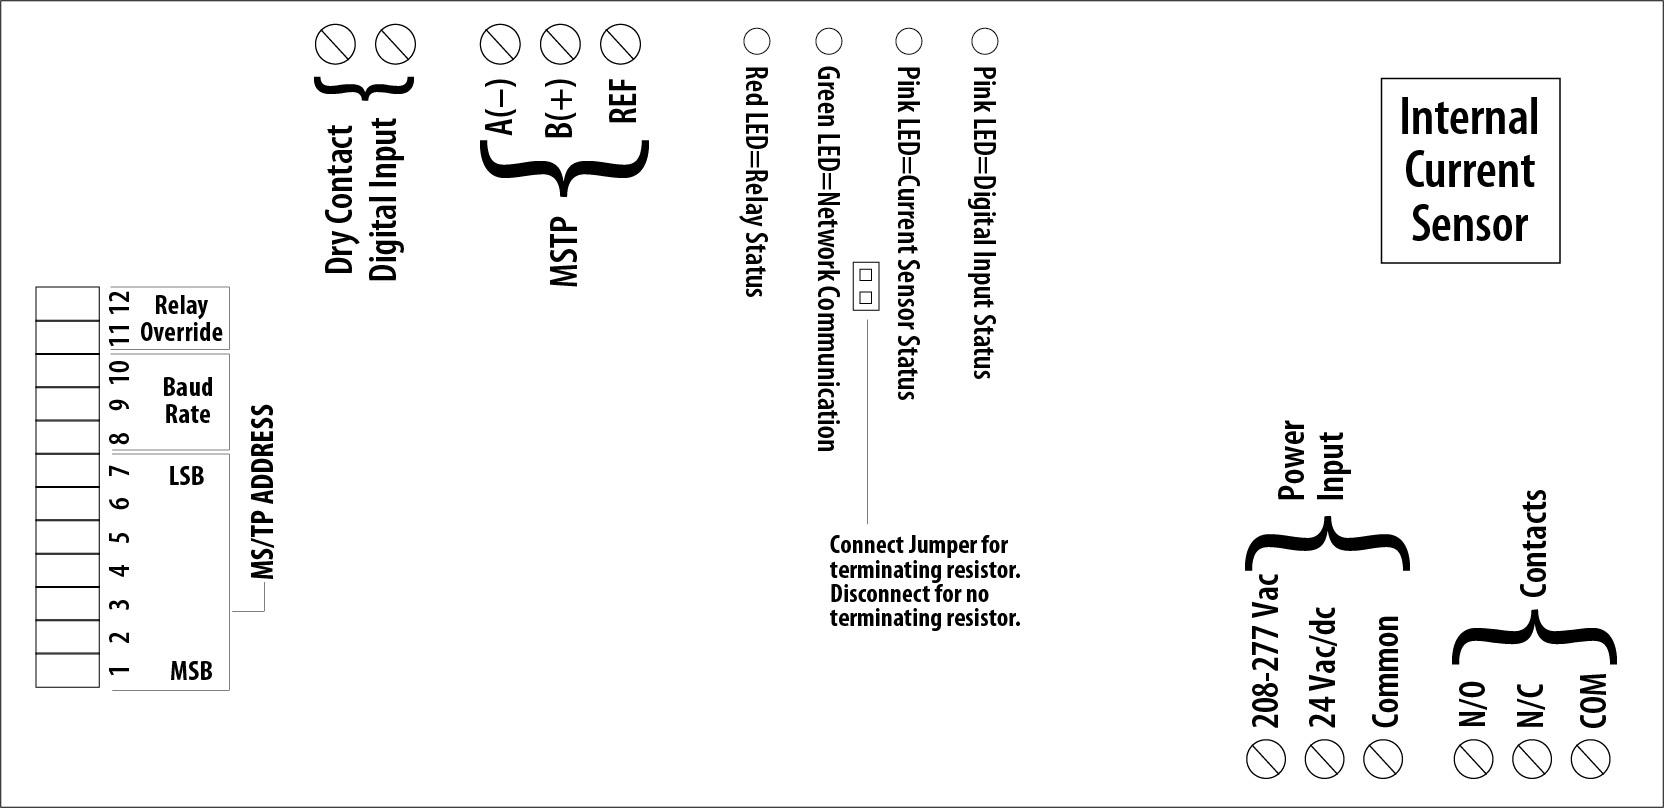 x10 wiring, bms wiring, dali wiring, insteon wiring, canopen wiring, ethernet wiring, mstp wiring, profinet wiring, rs-232 wiring, on bacnet mstp wiring